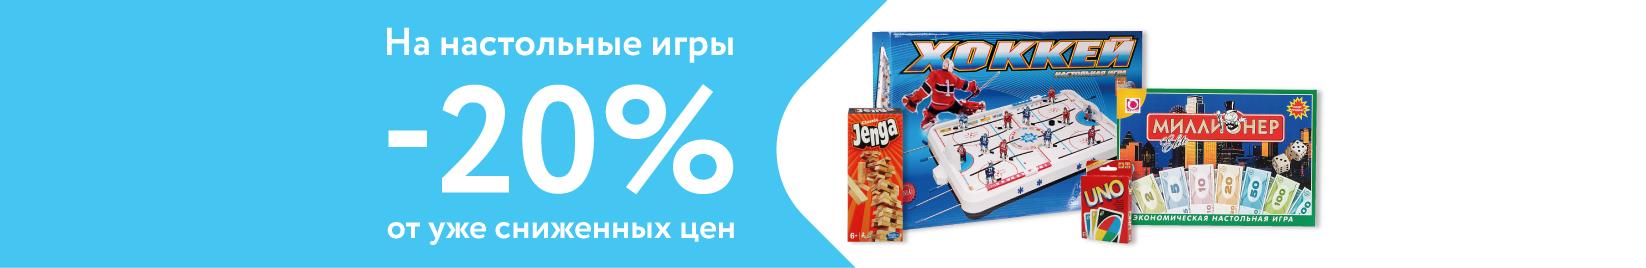 -20% на настольные игры от уже сниженных цен